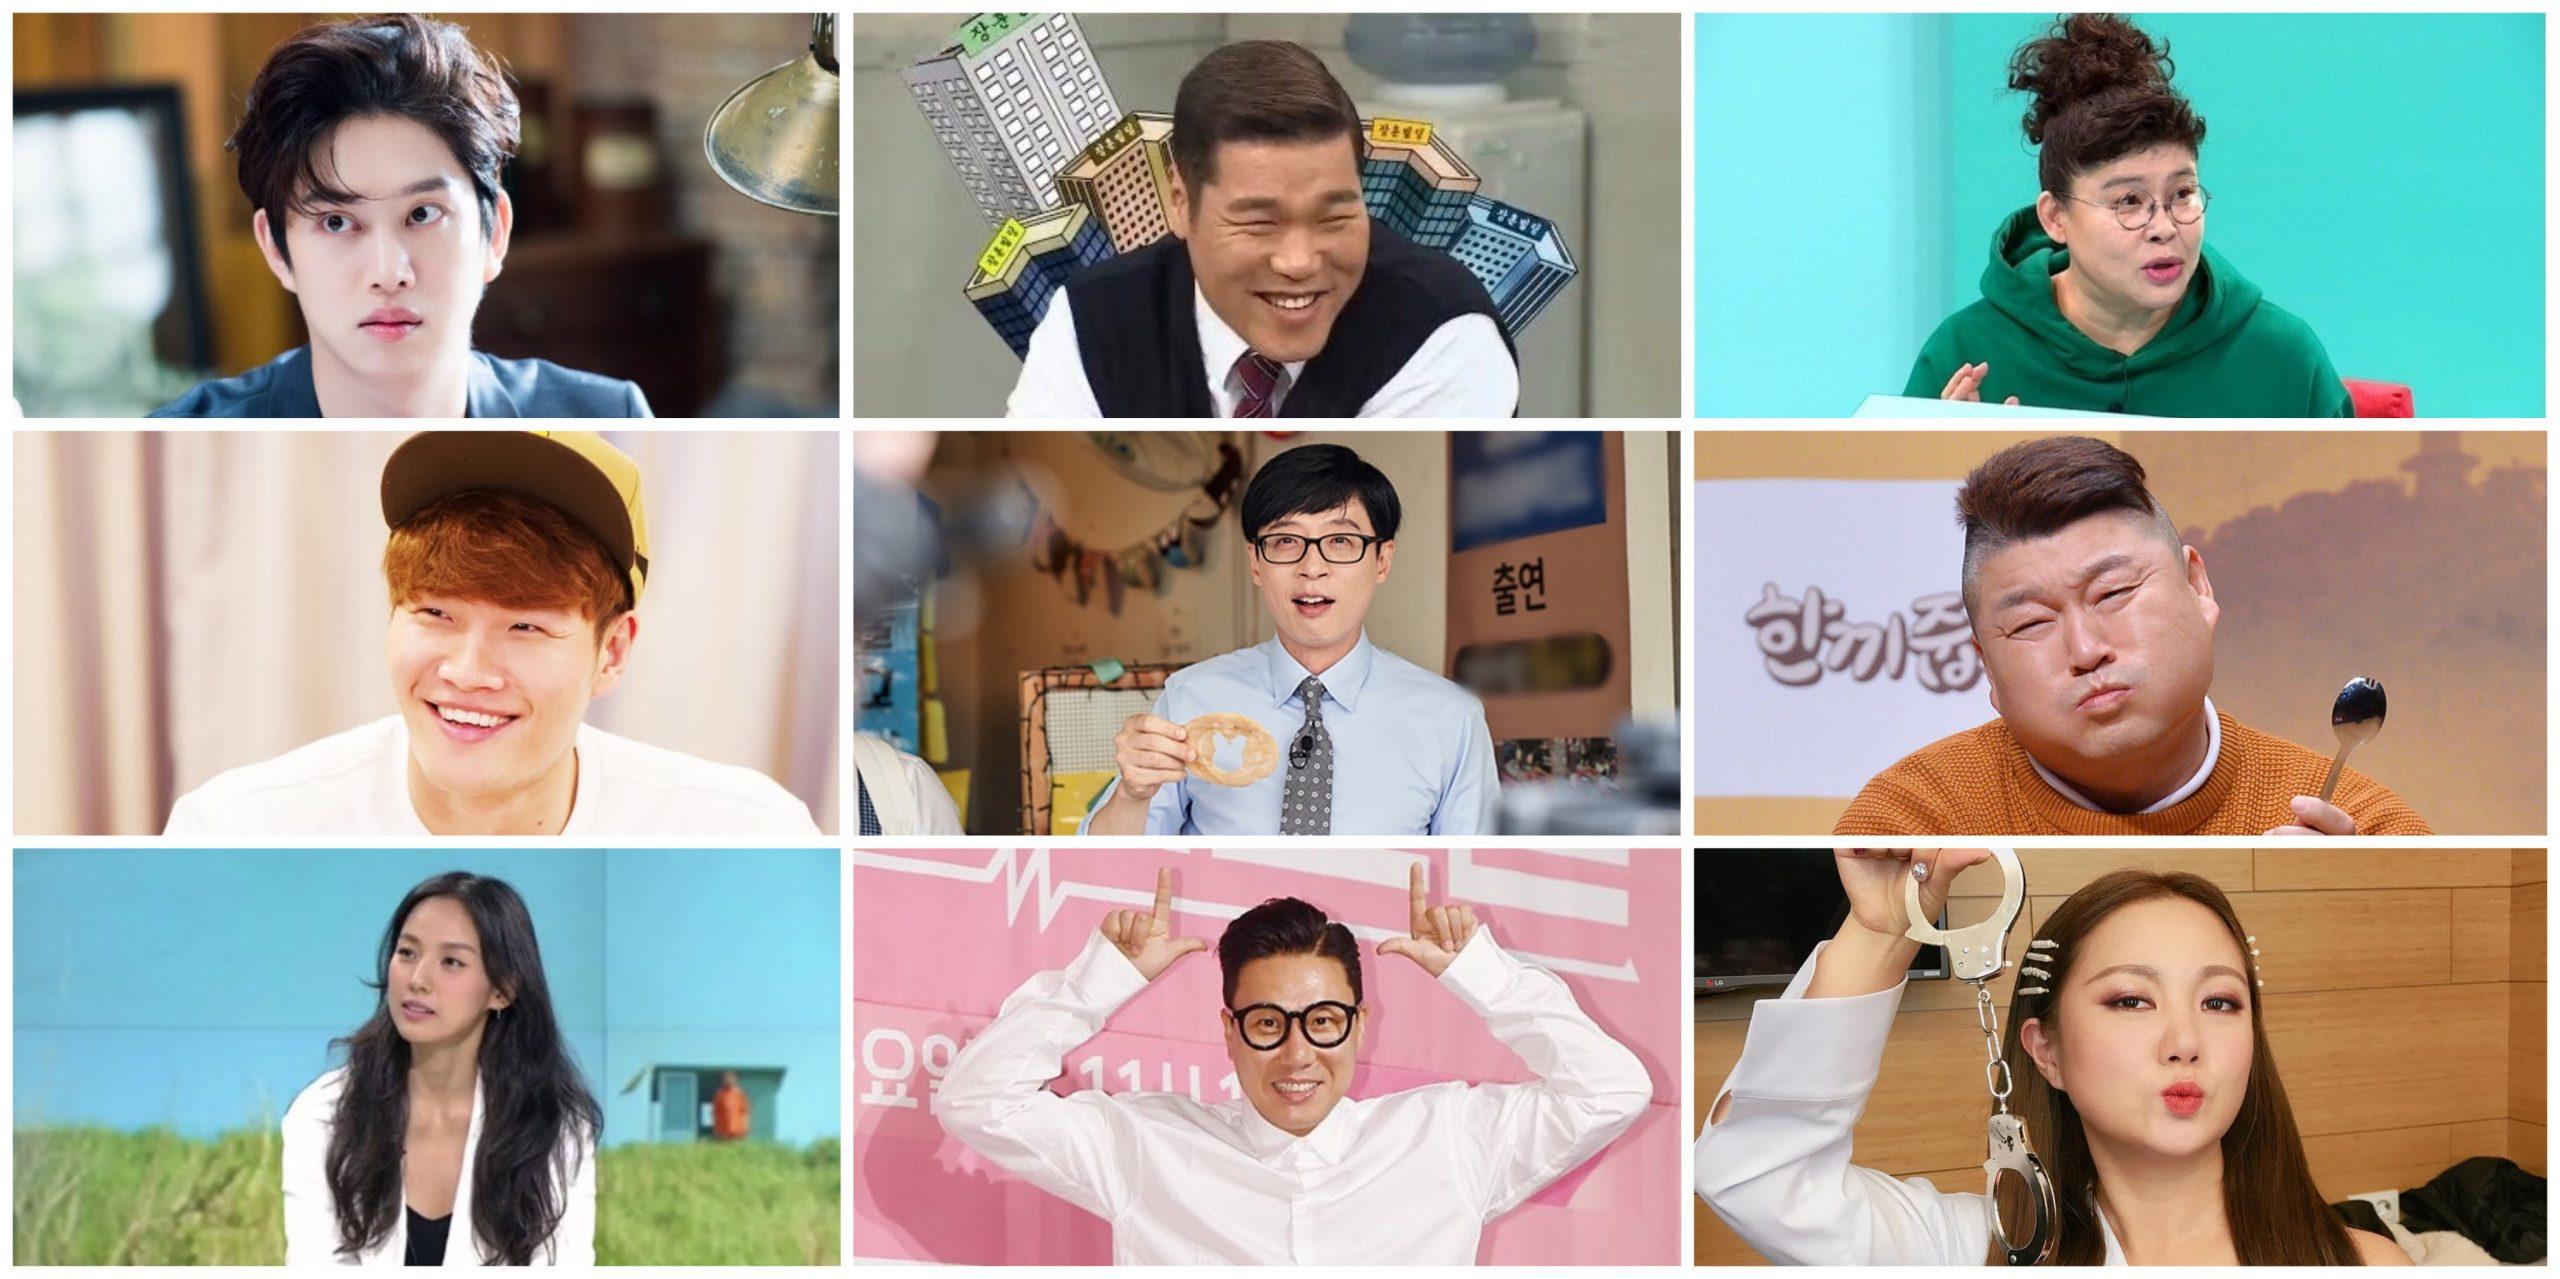 【韓国コメディアン】❤︎プロフィールまとめ